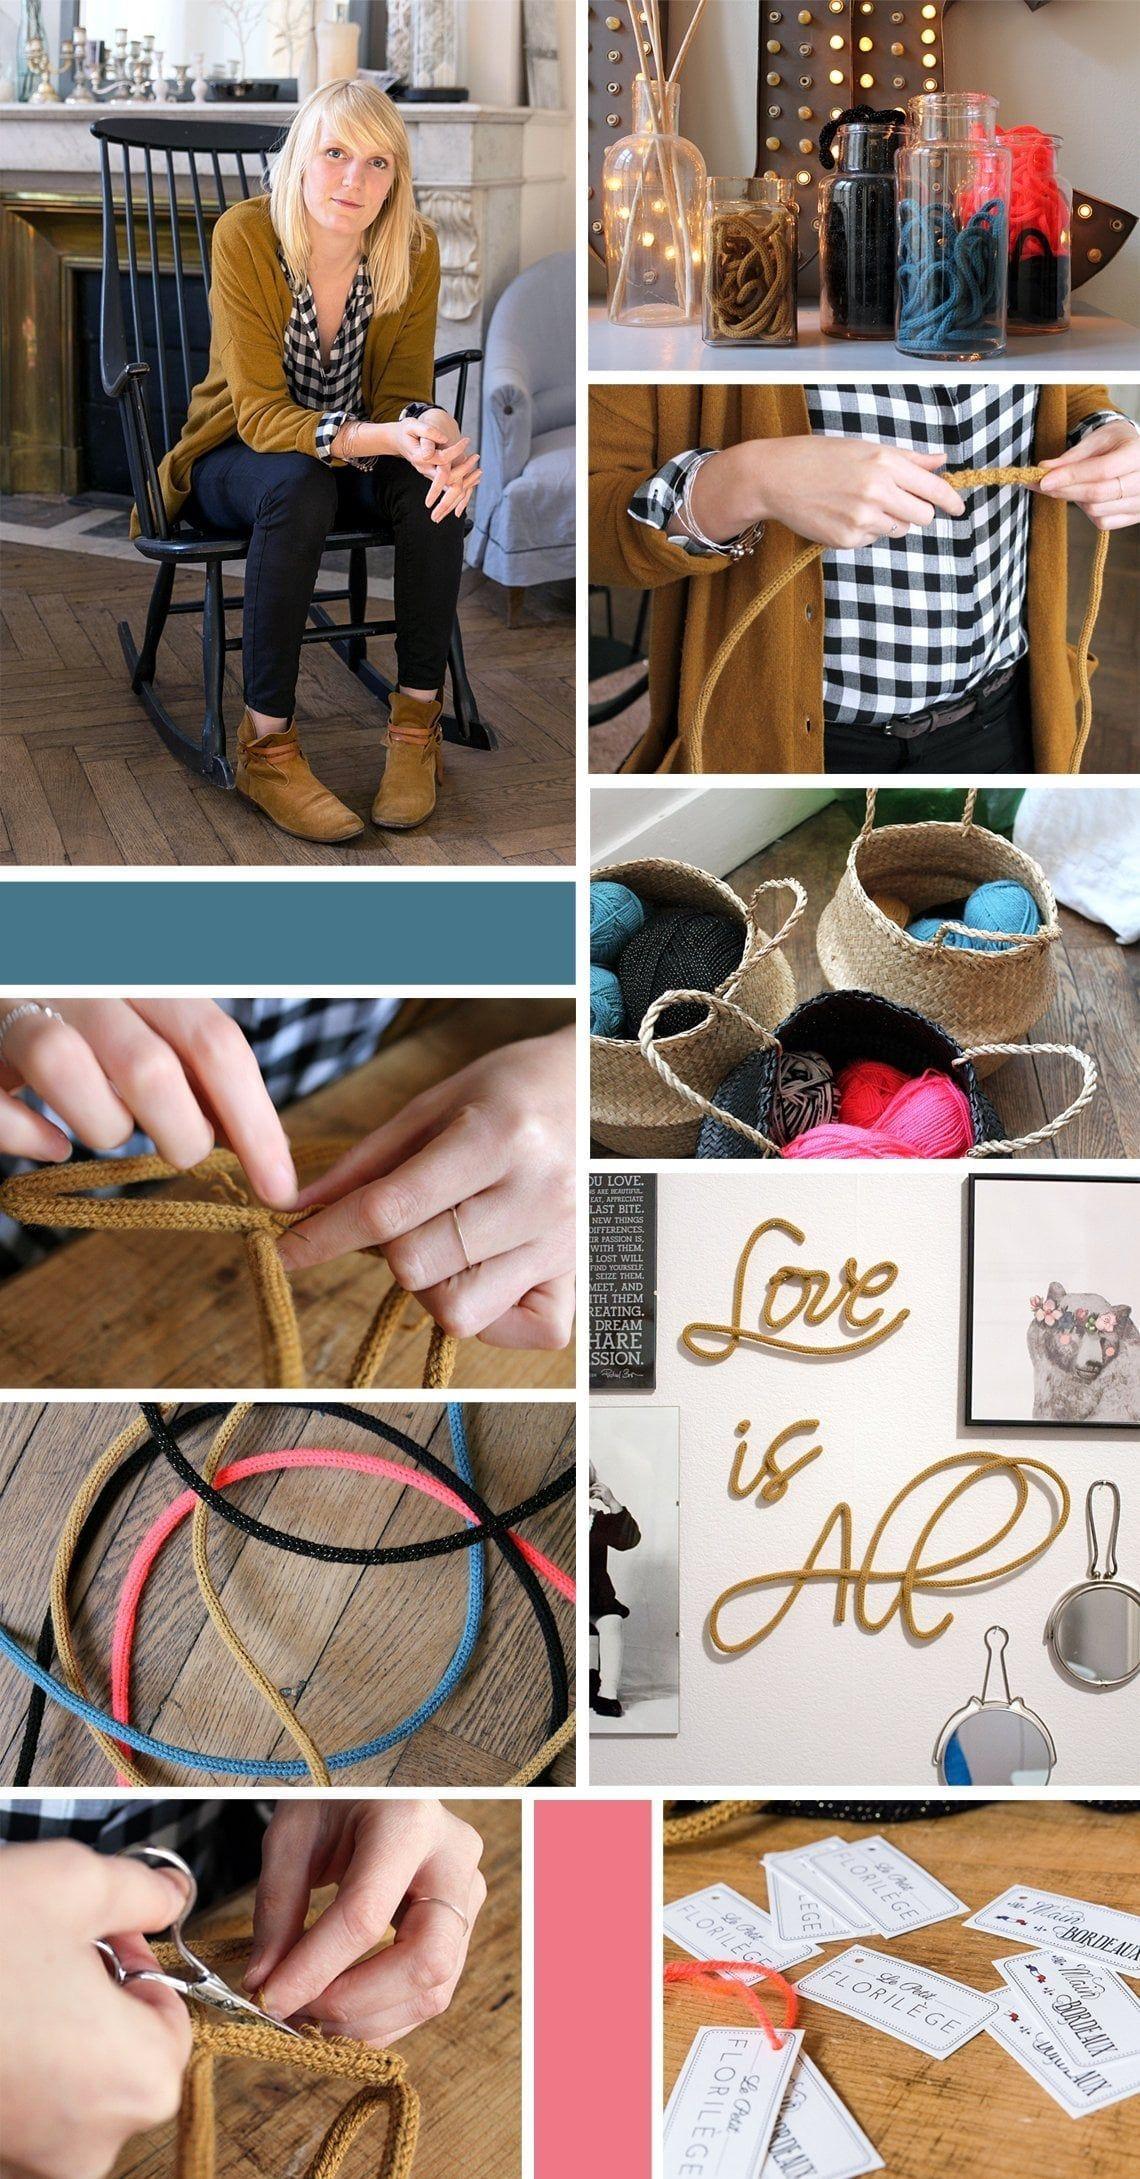 le petit floril ge propose des mots en laine pour une maison remplie de po sie et d 39 amour. Black Bedroom Furniture Sets. Home Design Ideas